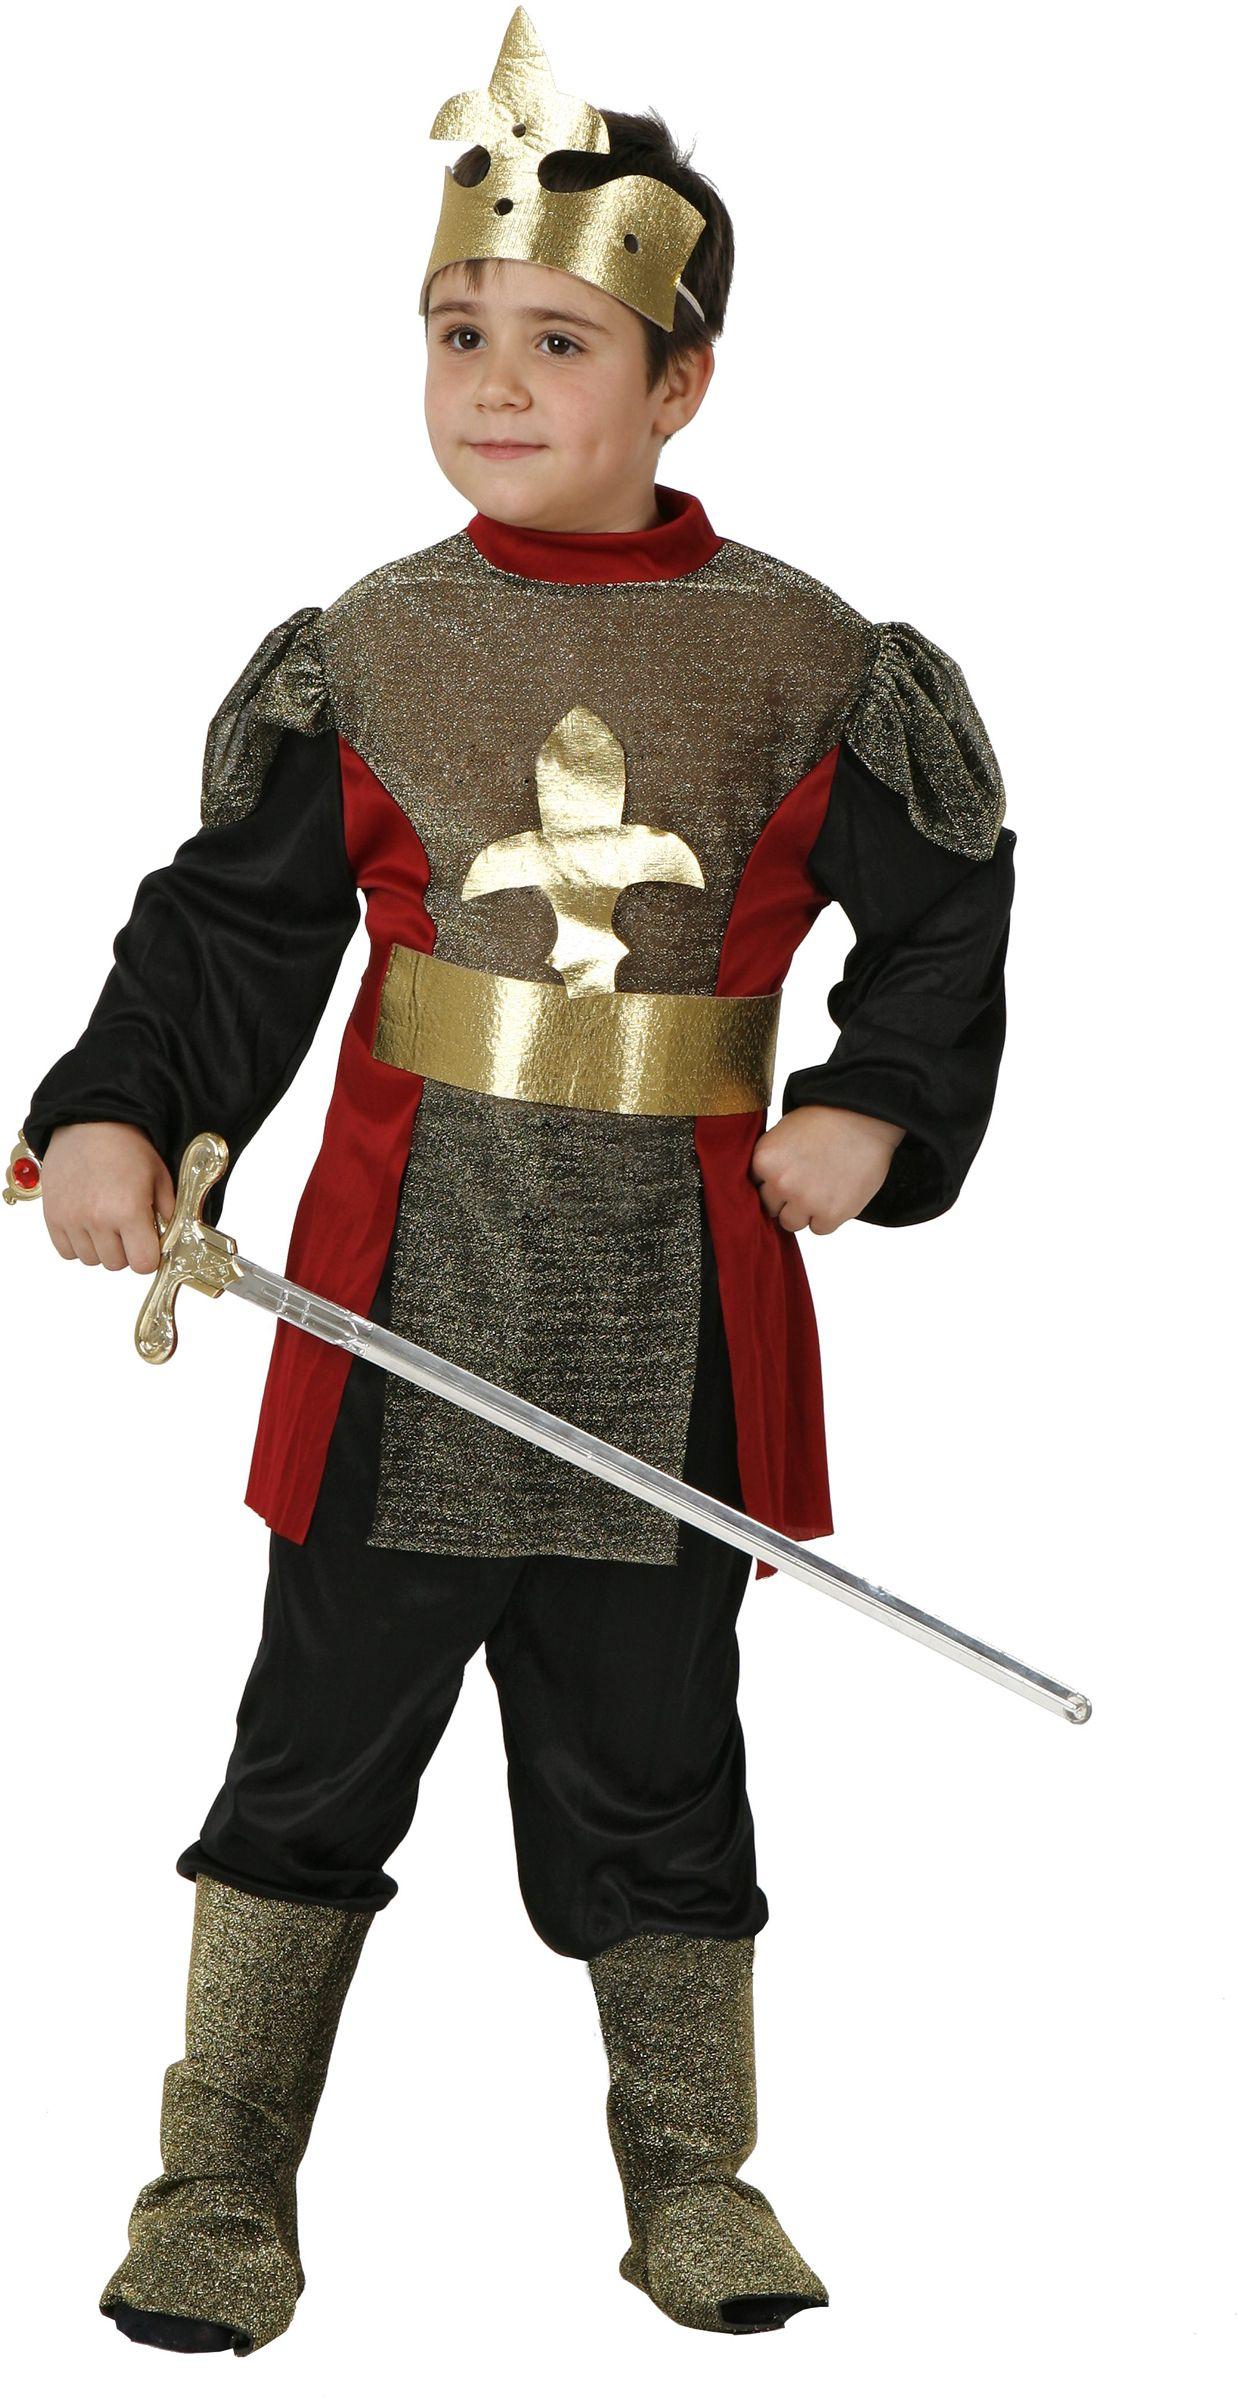 Vestito Cavaliere Bambino.Costume Cavaliere Medievale Per Bambino Cavaliere Medievale Costumi Costumi Da Bambina